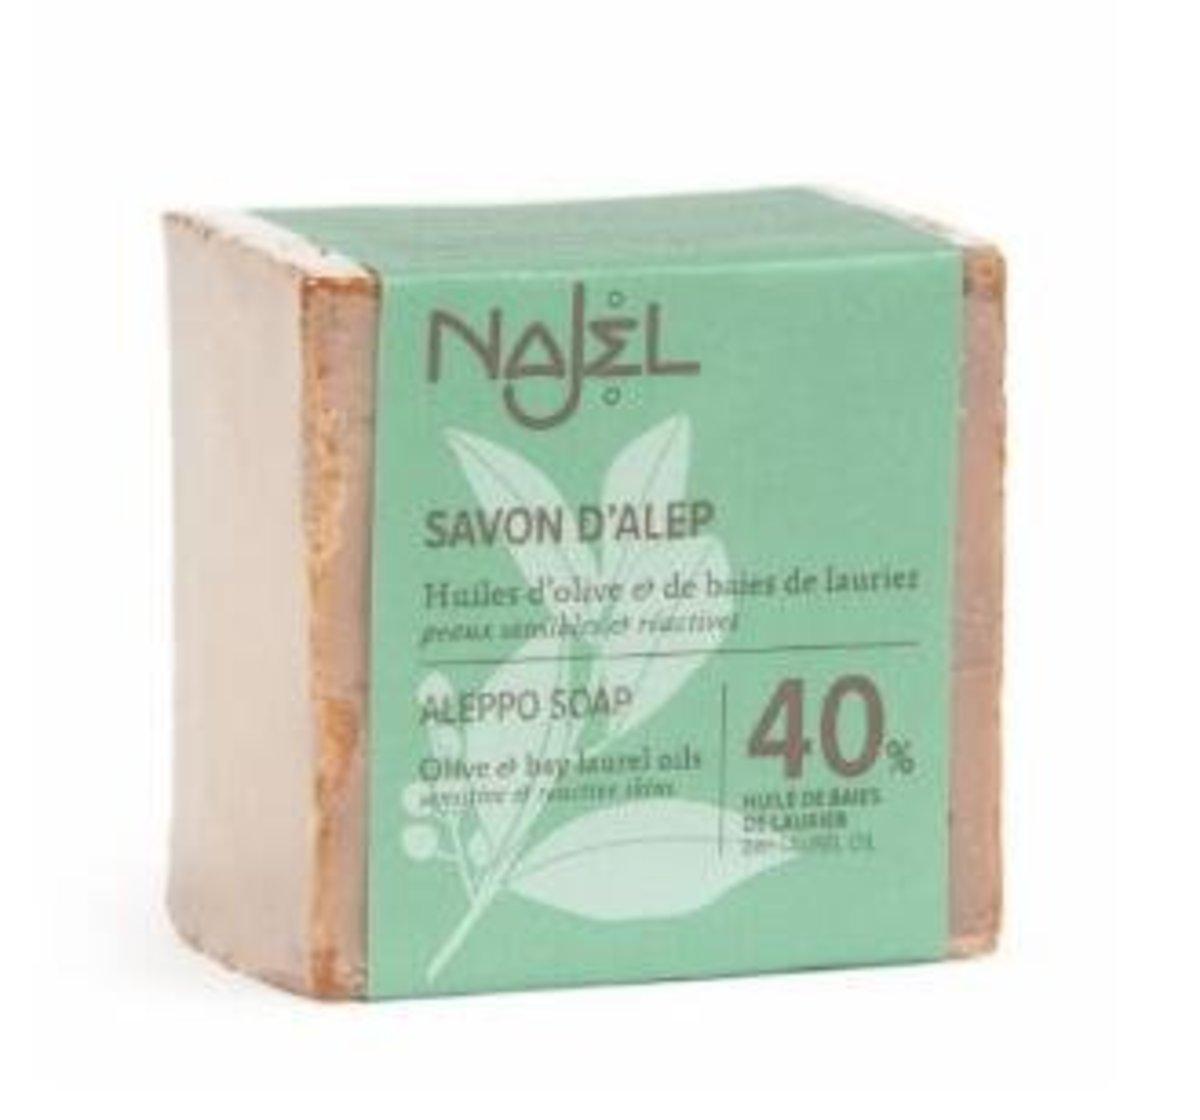 40% 月桂油敍利亞阿勒頗手工古皂 (185g)